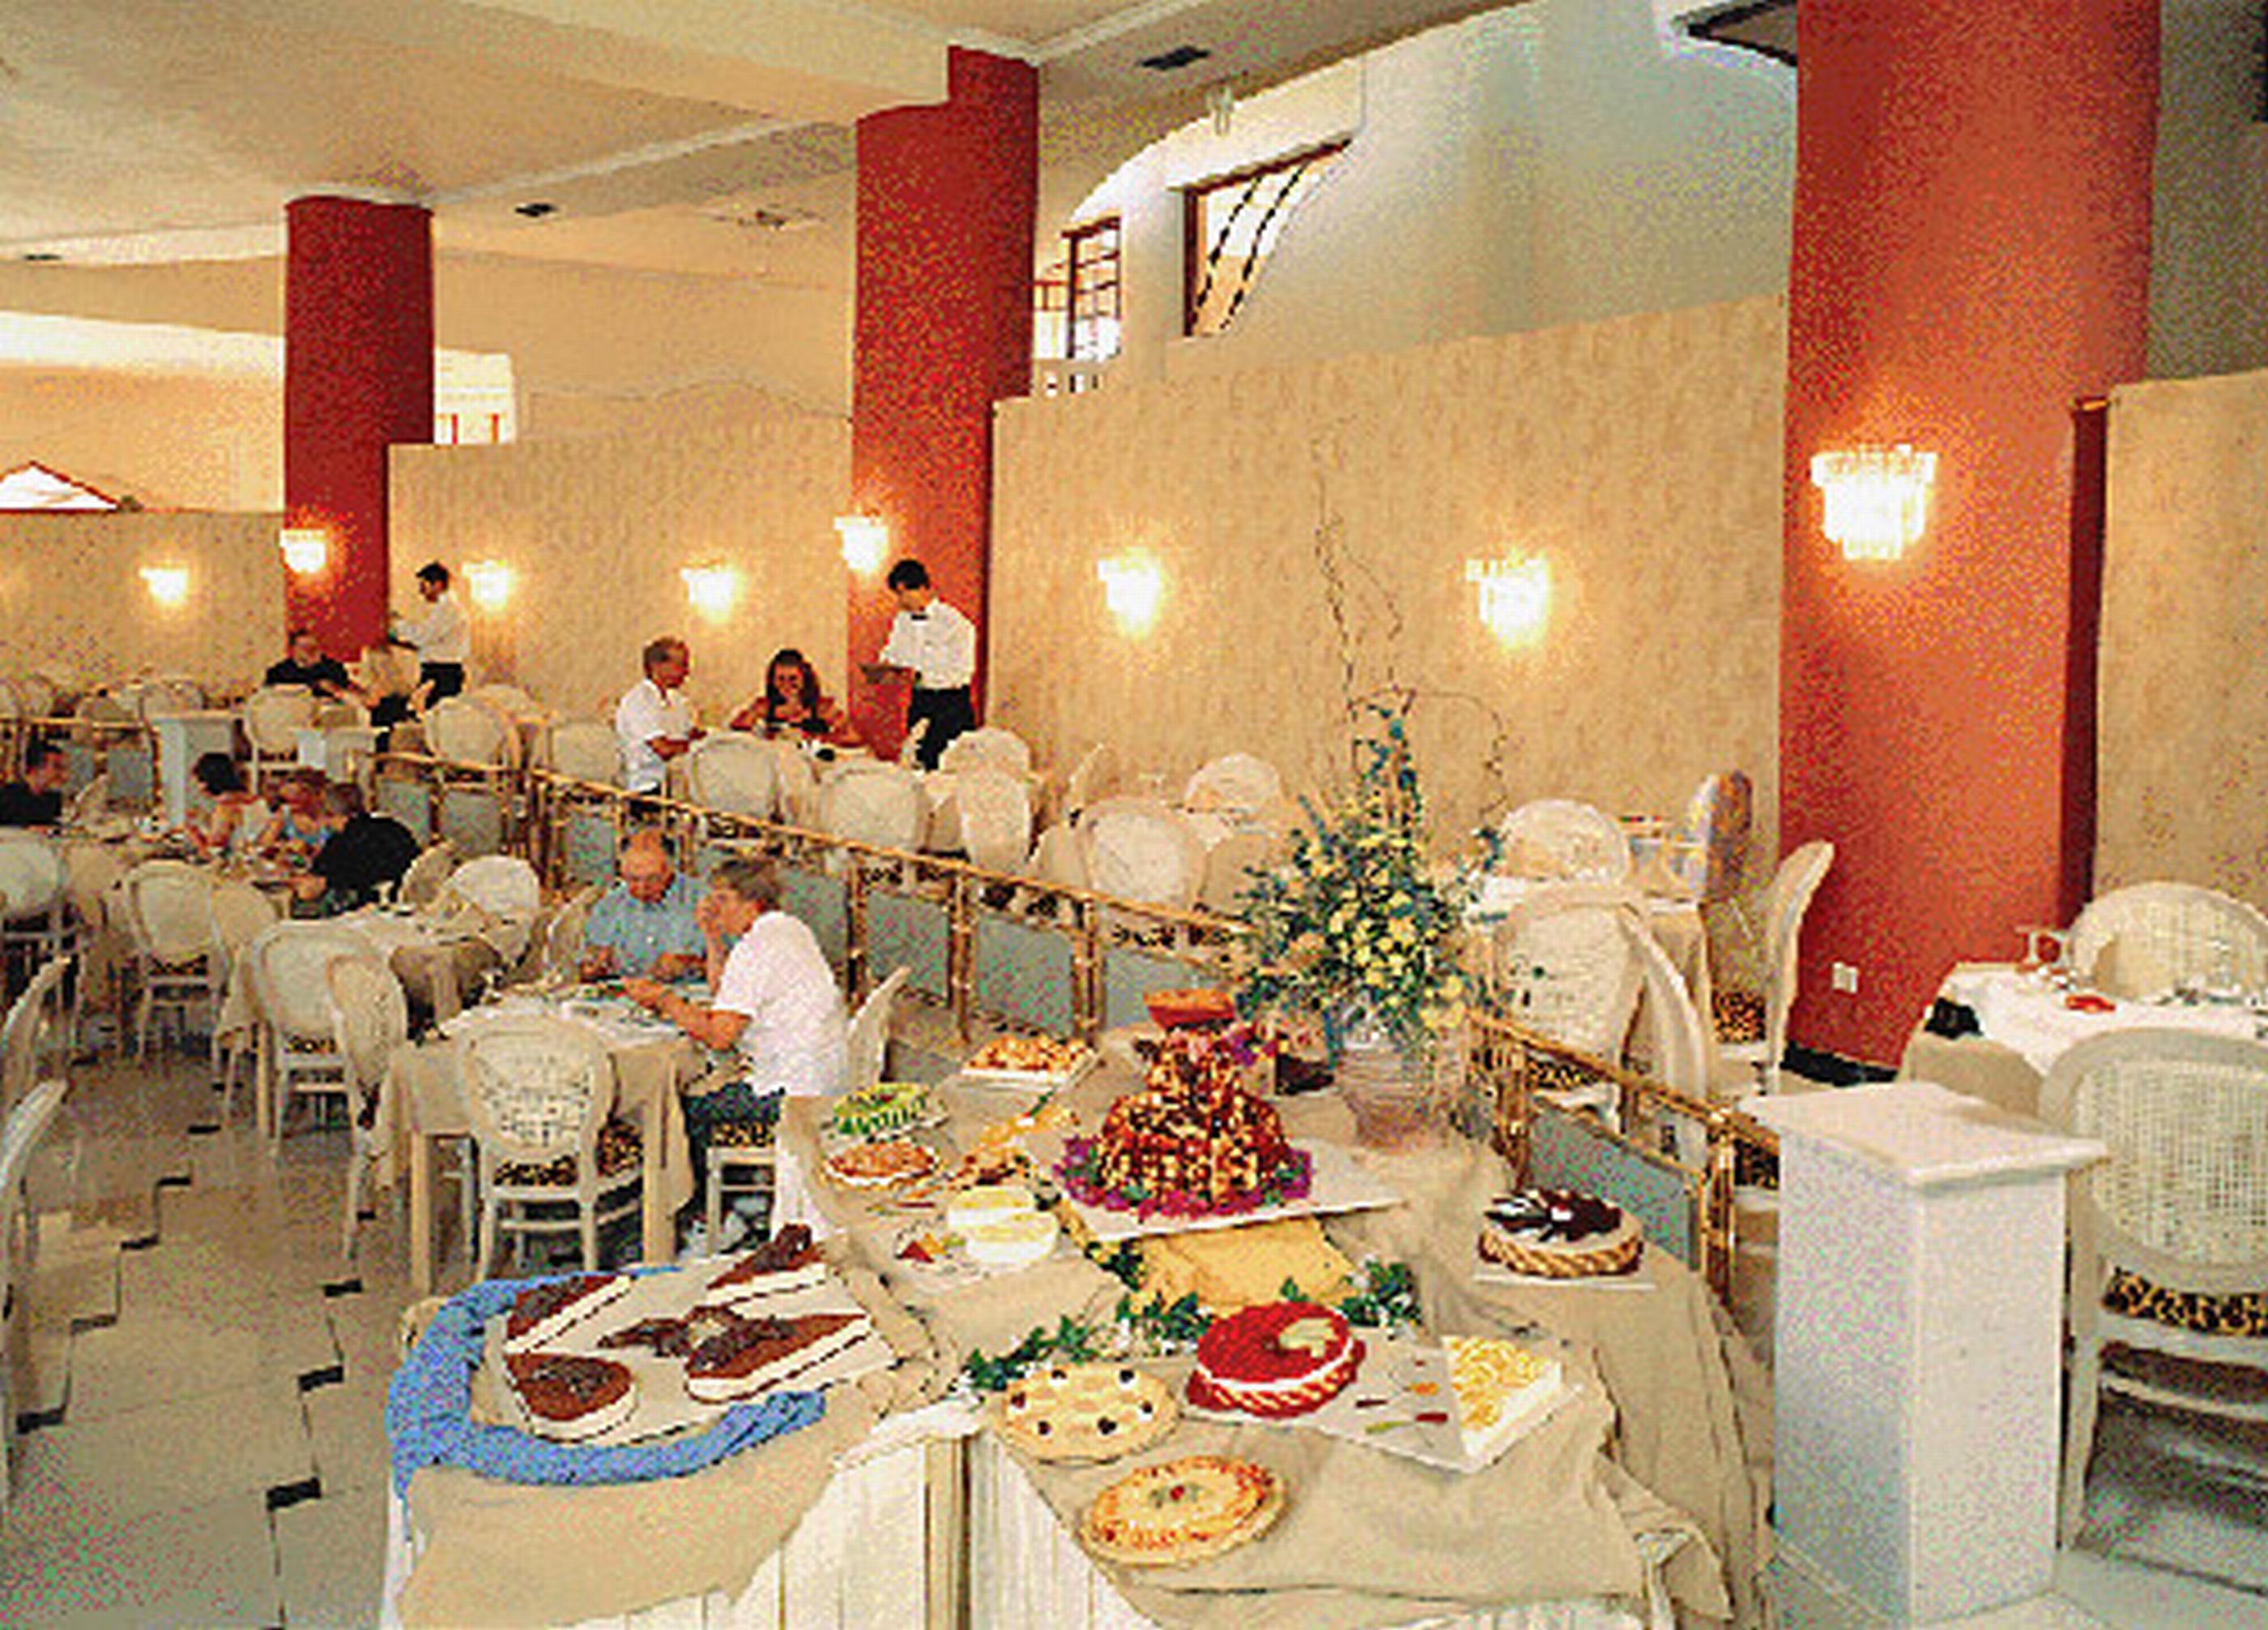 Palazzo di Zante - All Inclusive